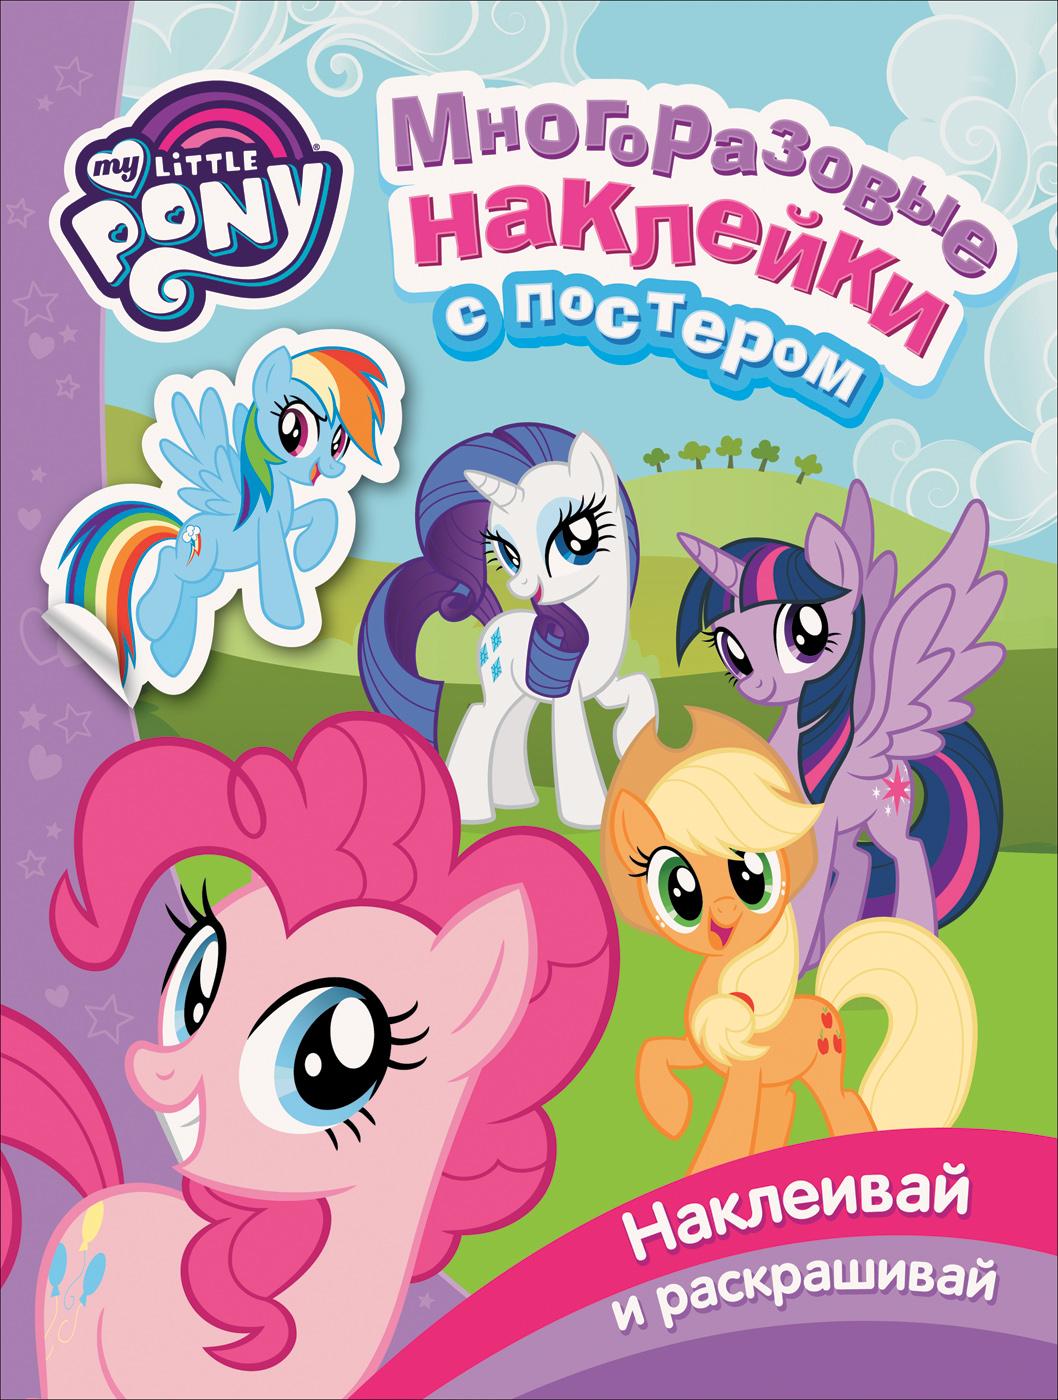 цена на Котятова Н. И. Мой маленький пони. Многоразовые наклейки с постером. TM MLP